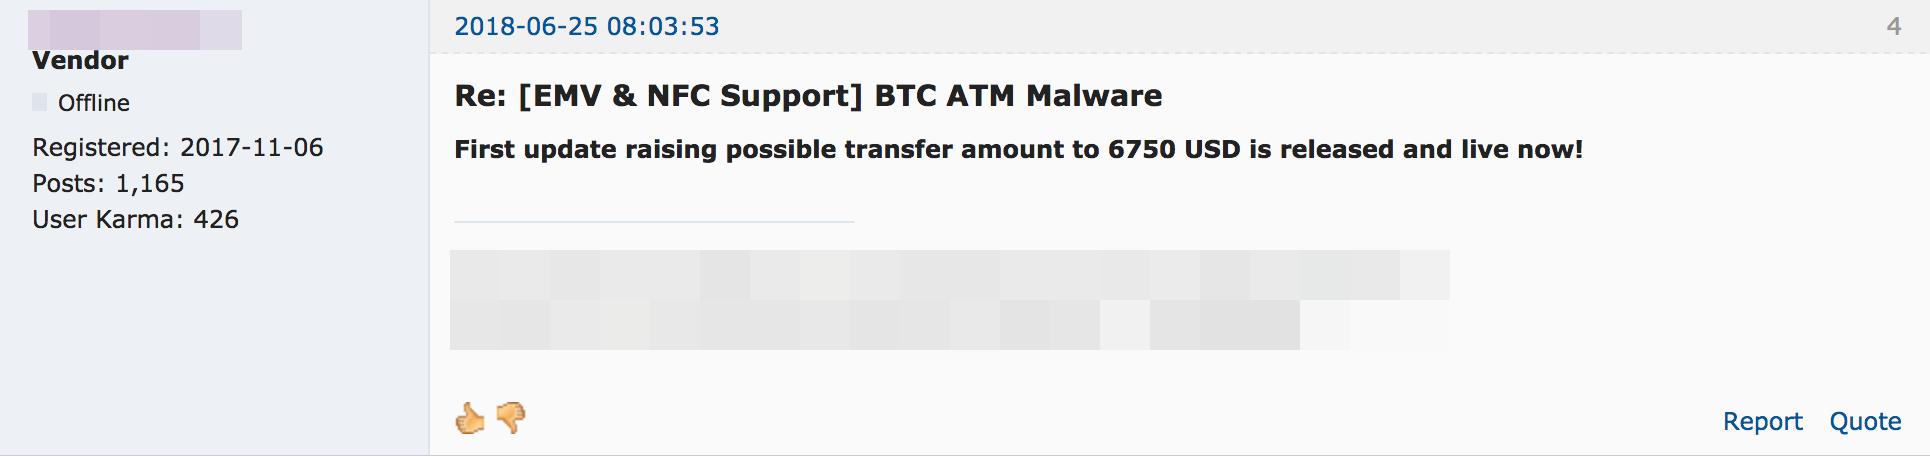 ビットコイン ATM マルウェアを販売するユーザの投稿